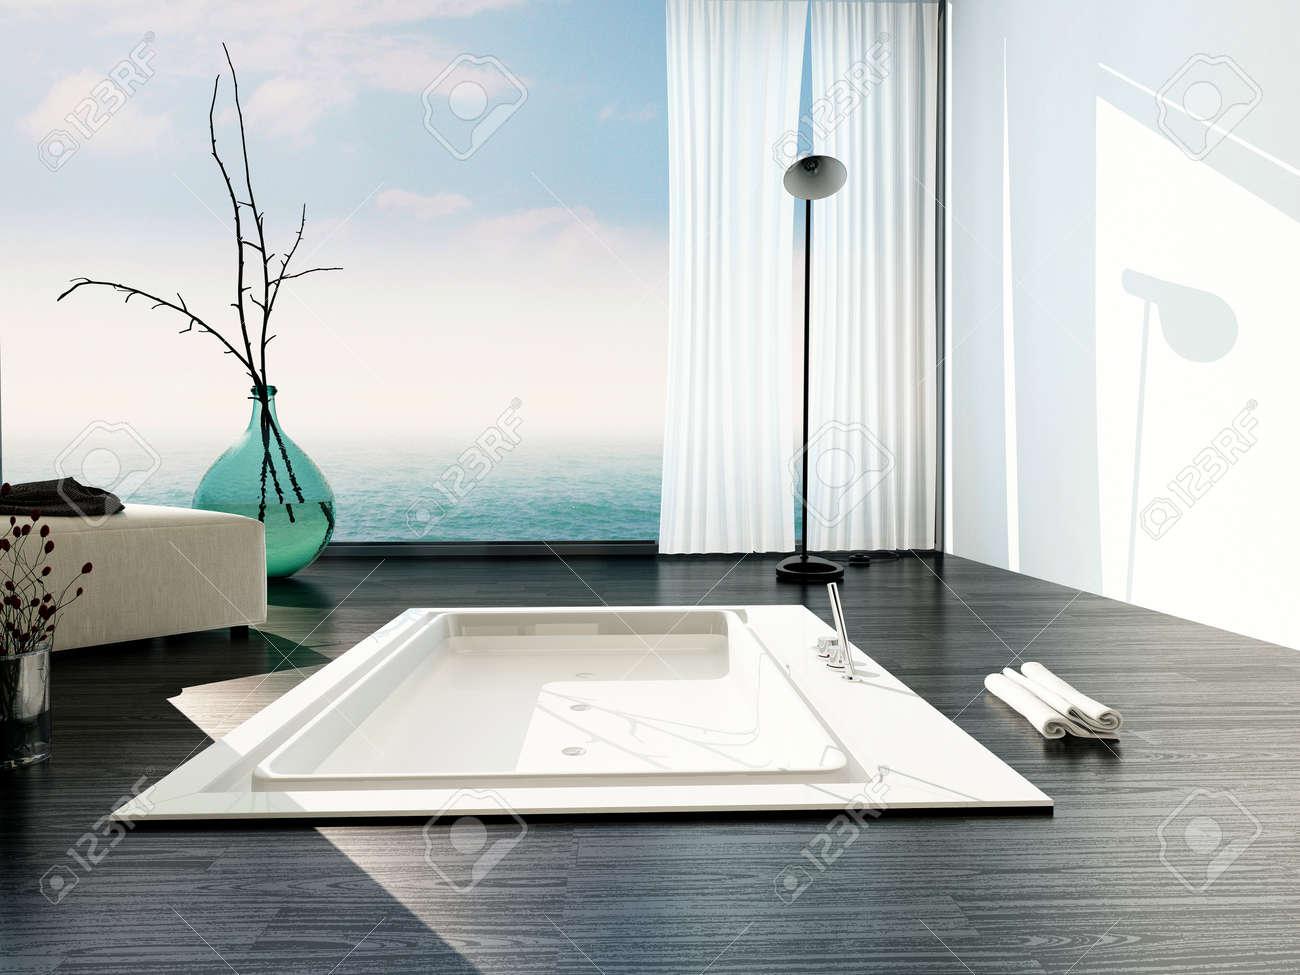 archivio fotografico vasca incassata elegante in un bagno moderno con grandi finestre a tutta altezza in vetro con tende bianche e una vista di un cielo